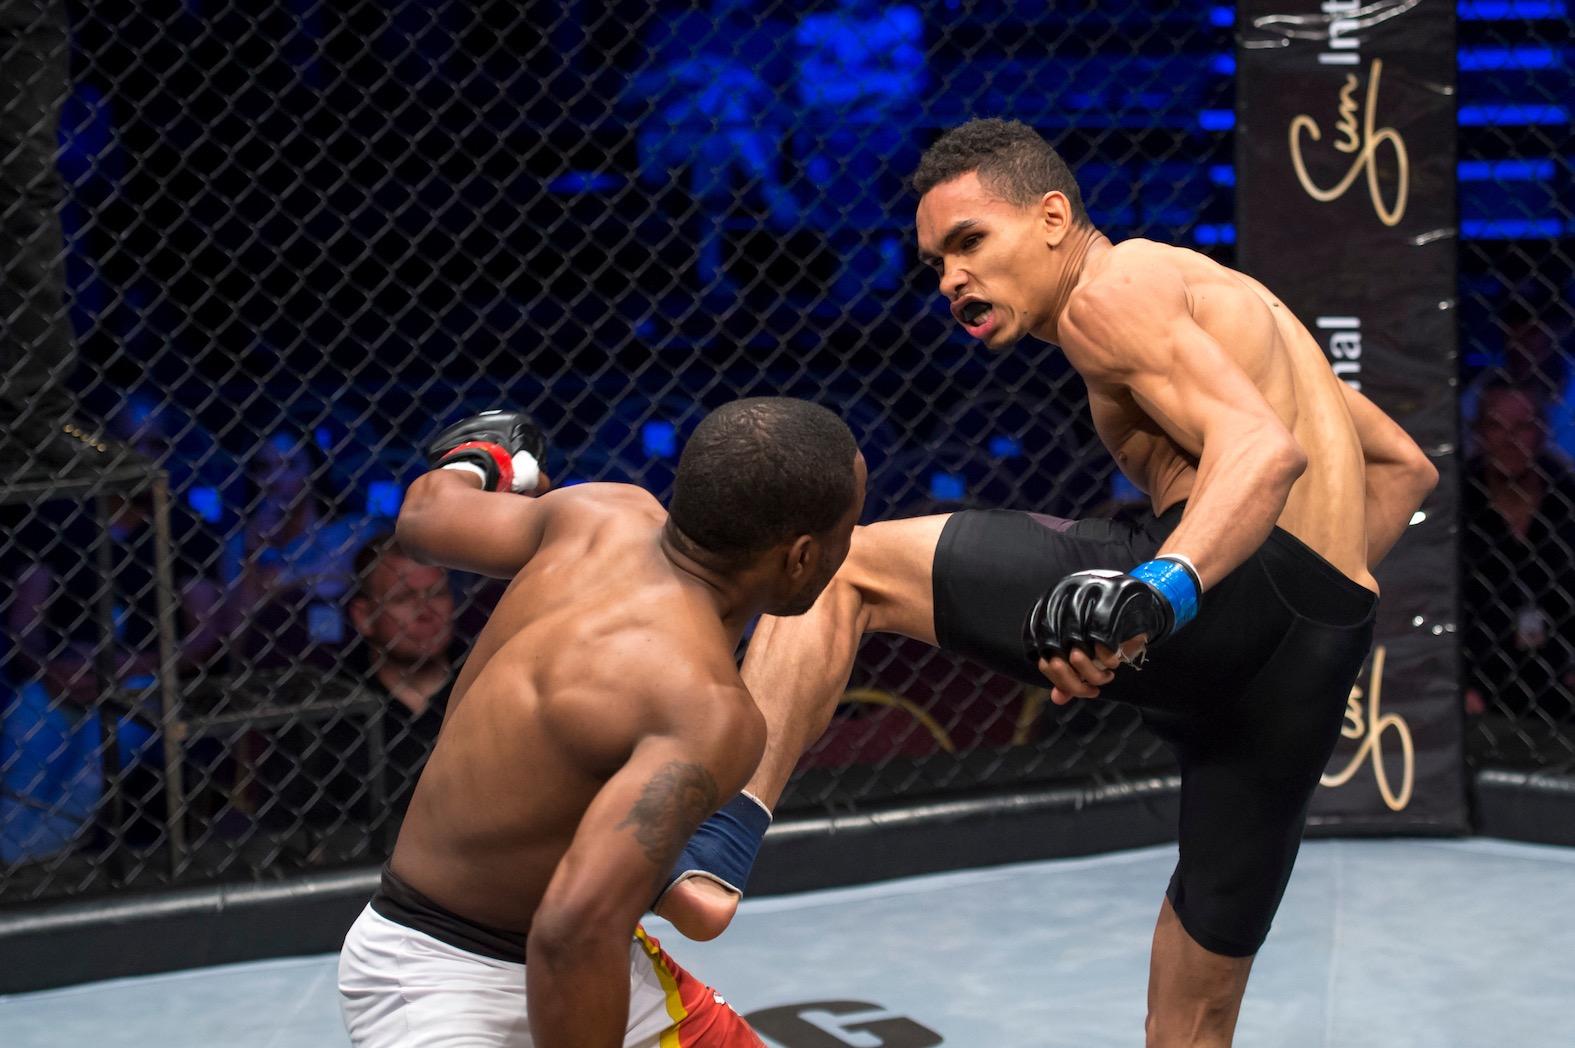 Faeez Jacobs vs Oumpie Sebeko